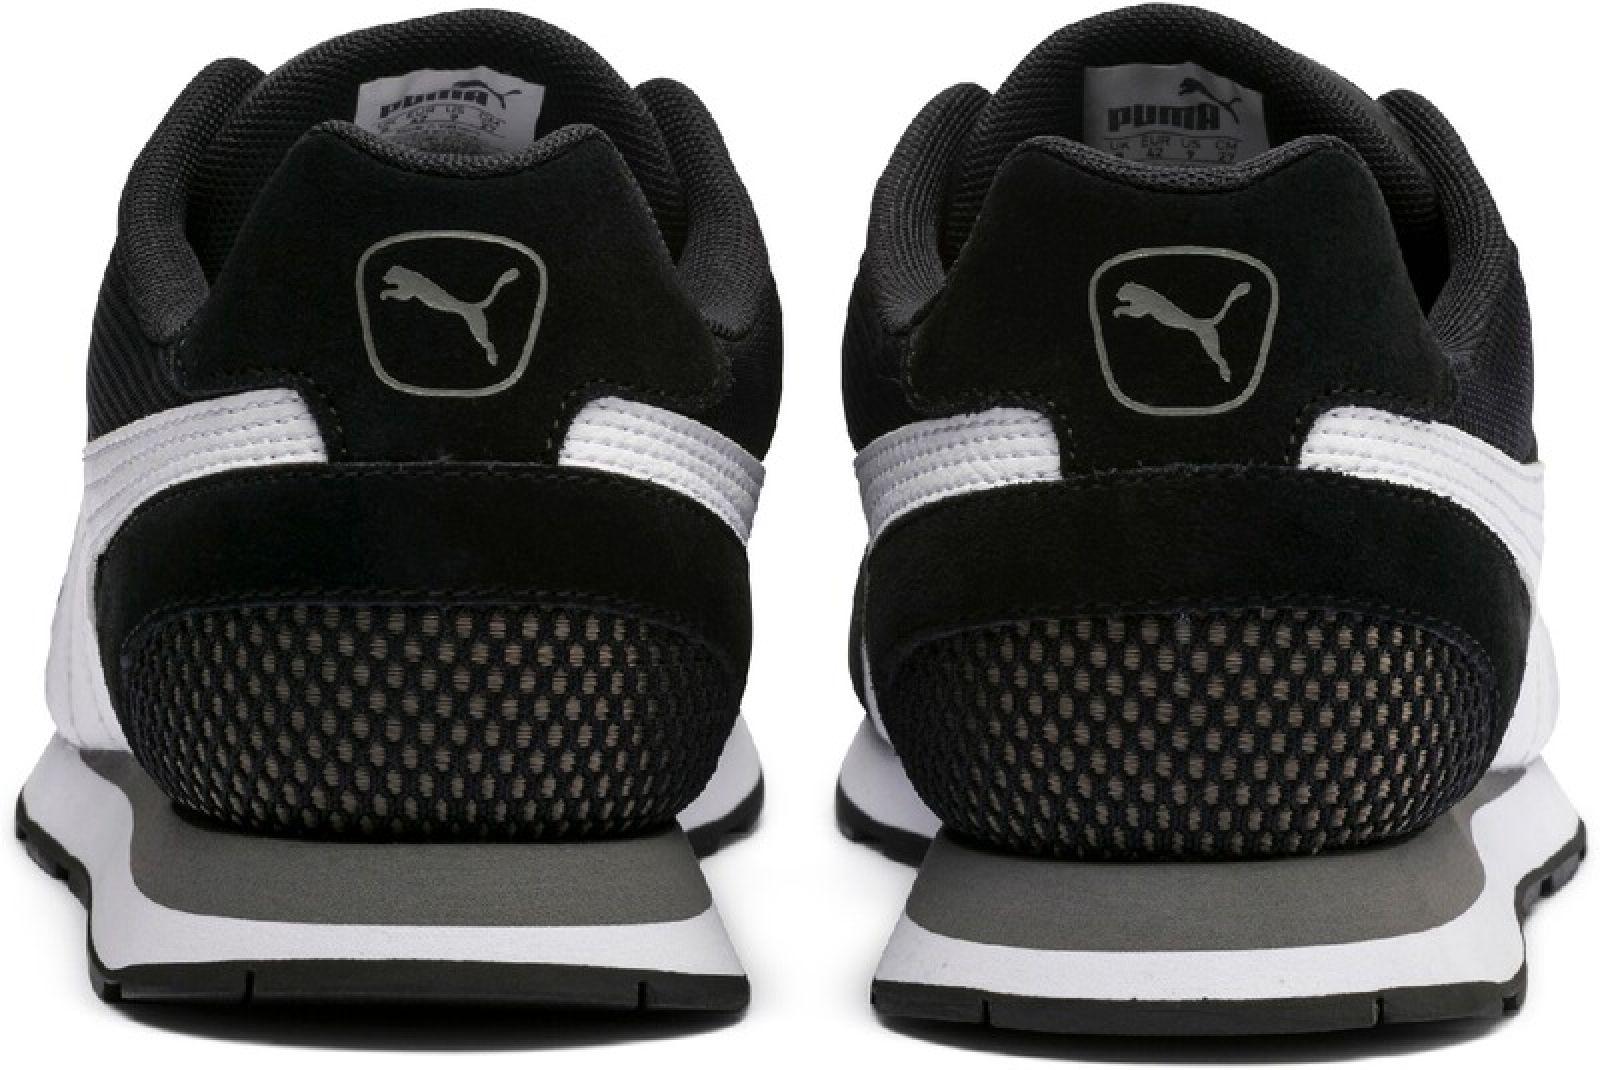 Details zu Puma Damen und Herren Freizeitschuhe Sneaker Vista schwarz weiss 369365 01